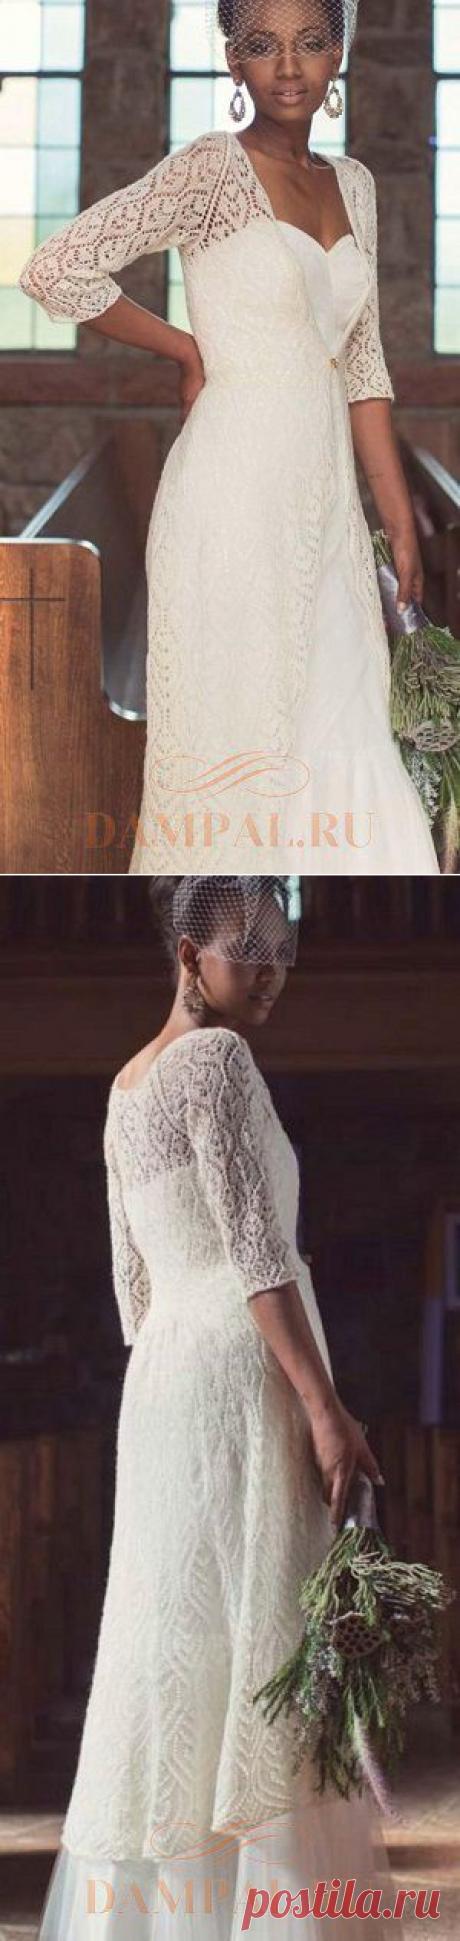 Белый ажурный жакет «Snow Bunting» | DAMские PALьчики. ru